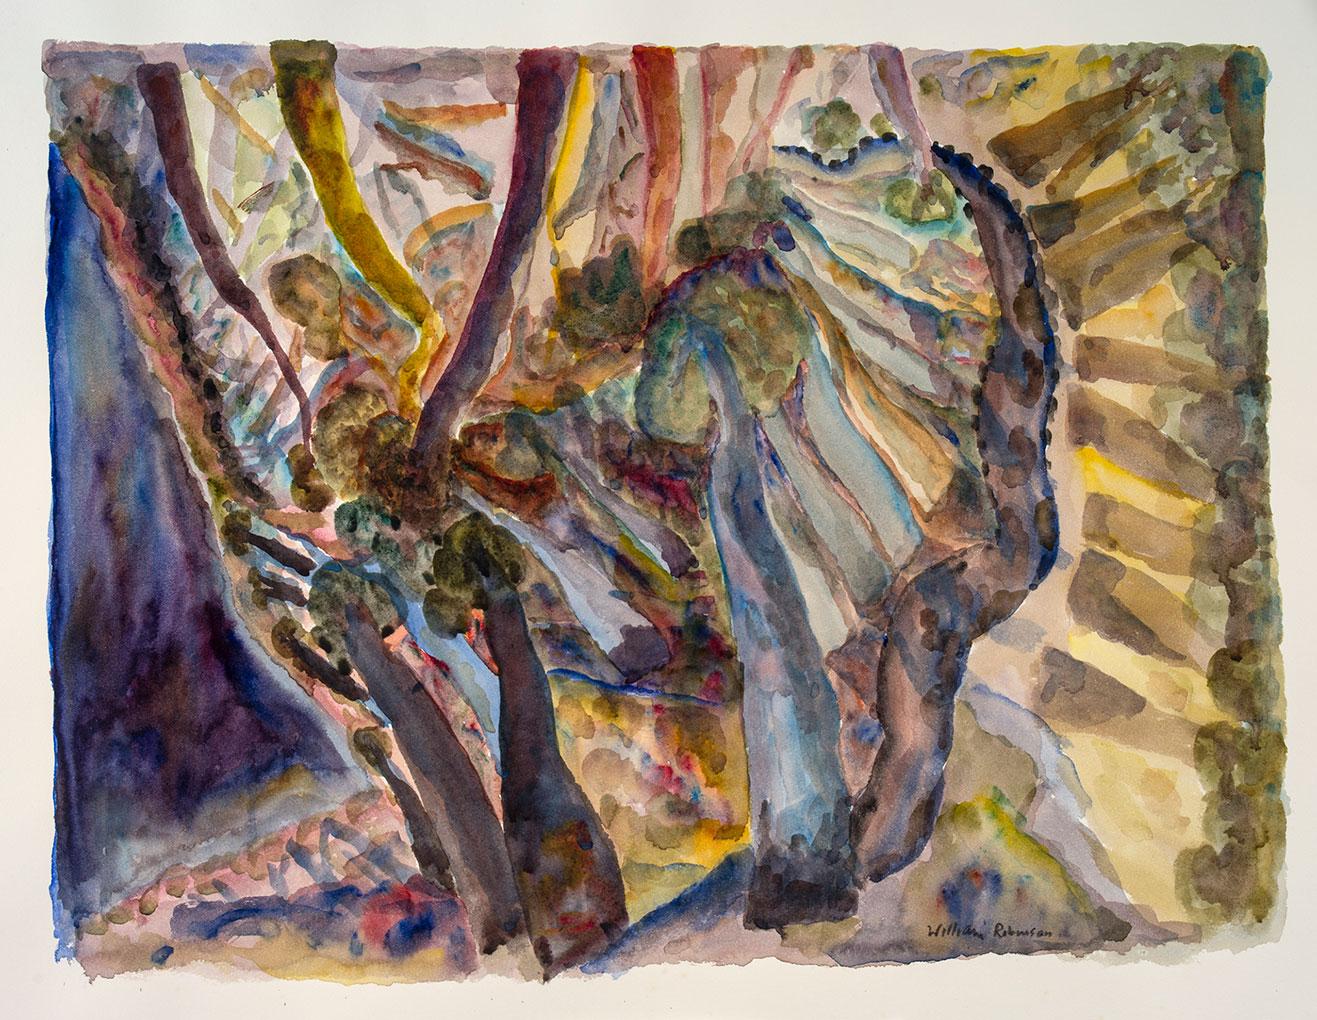 William ROBINSON 'Landscape 19' 1987, watercolour. Private collection, Brisbane.